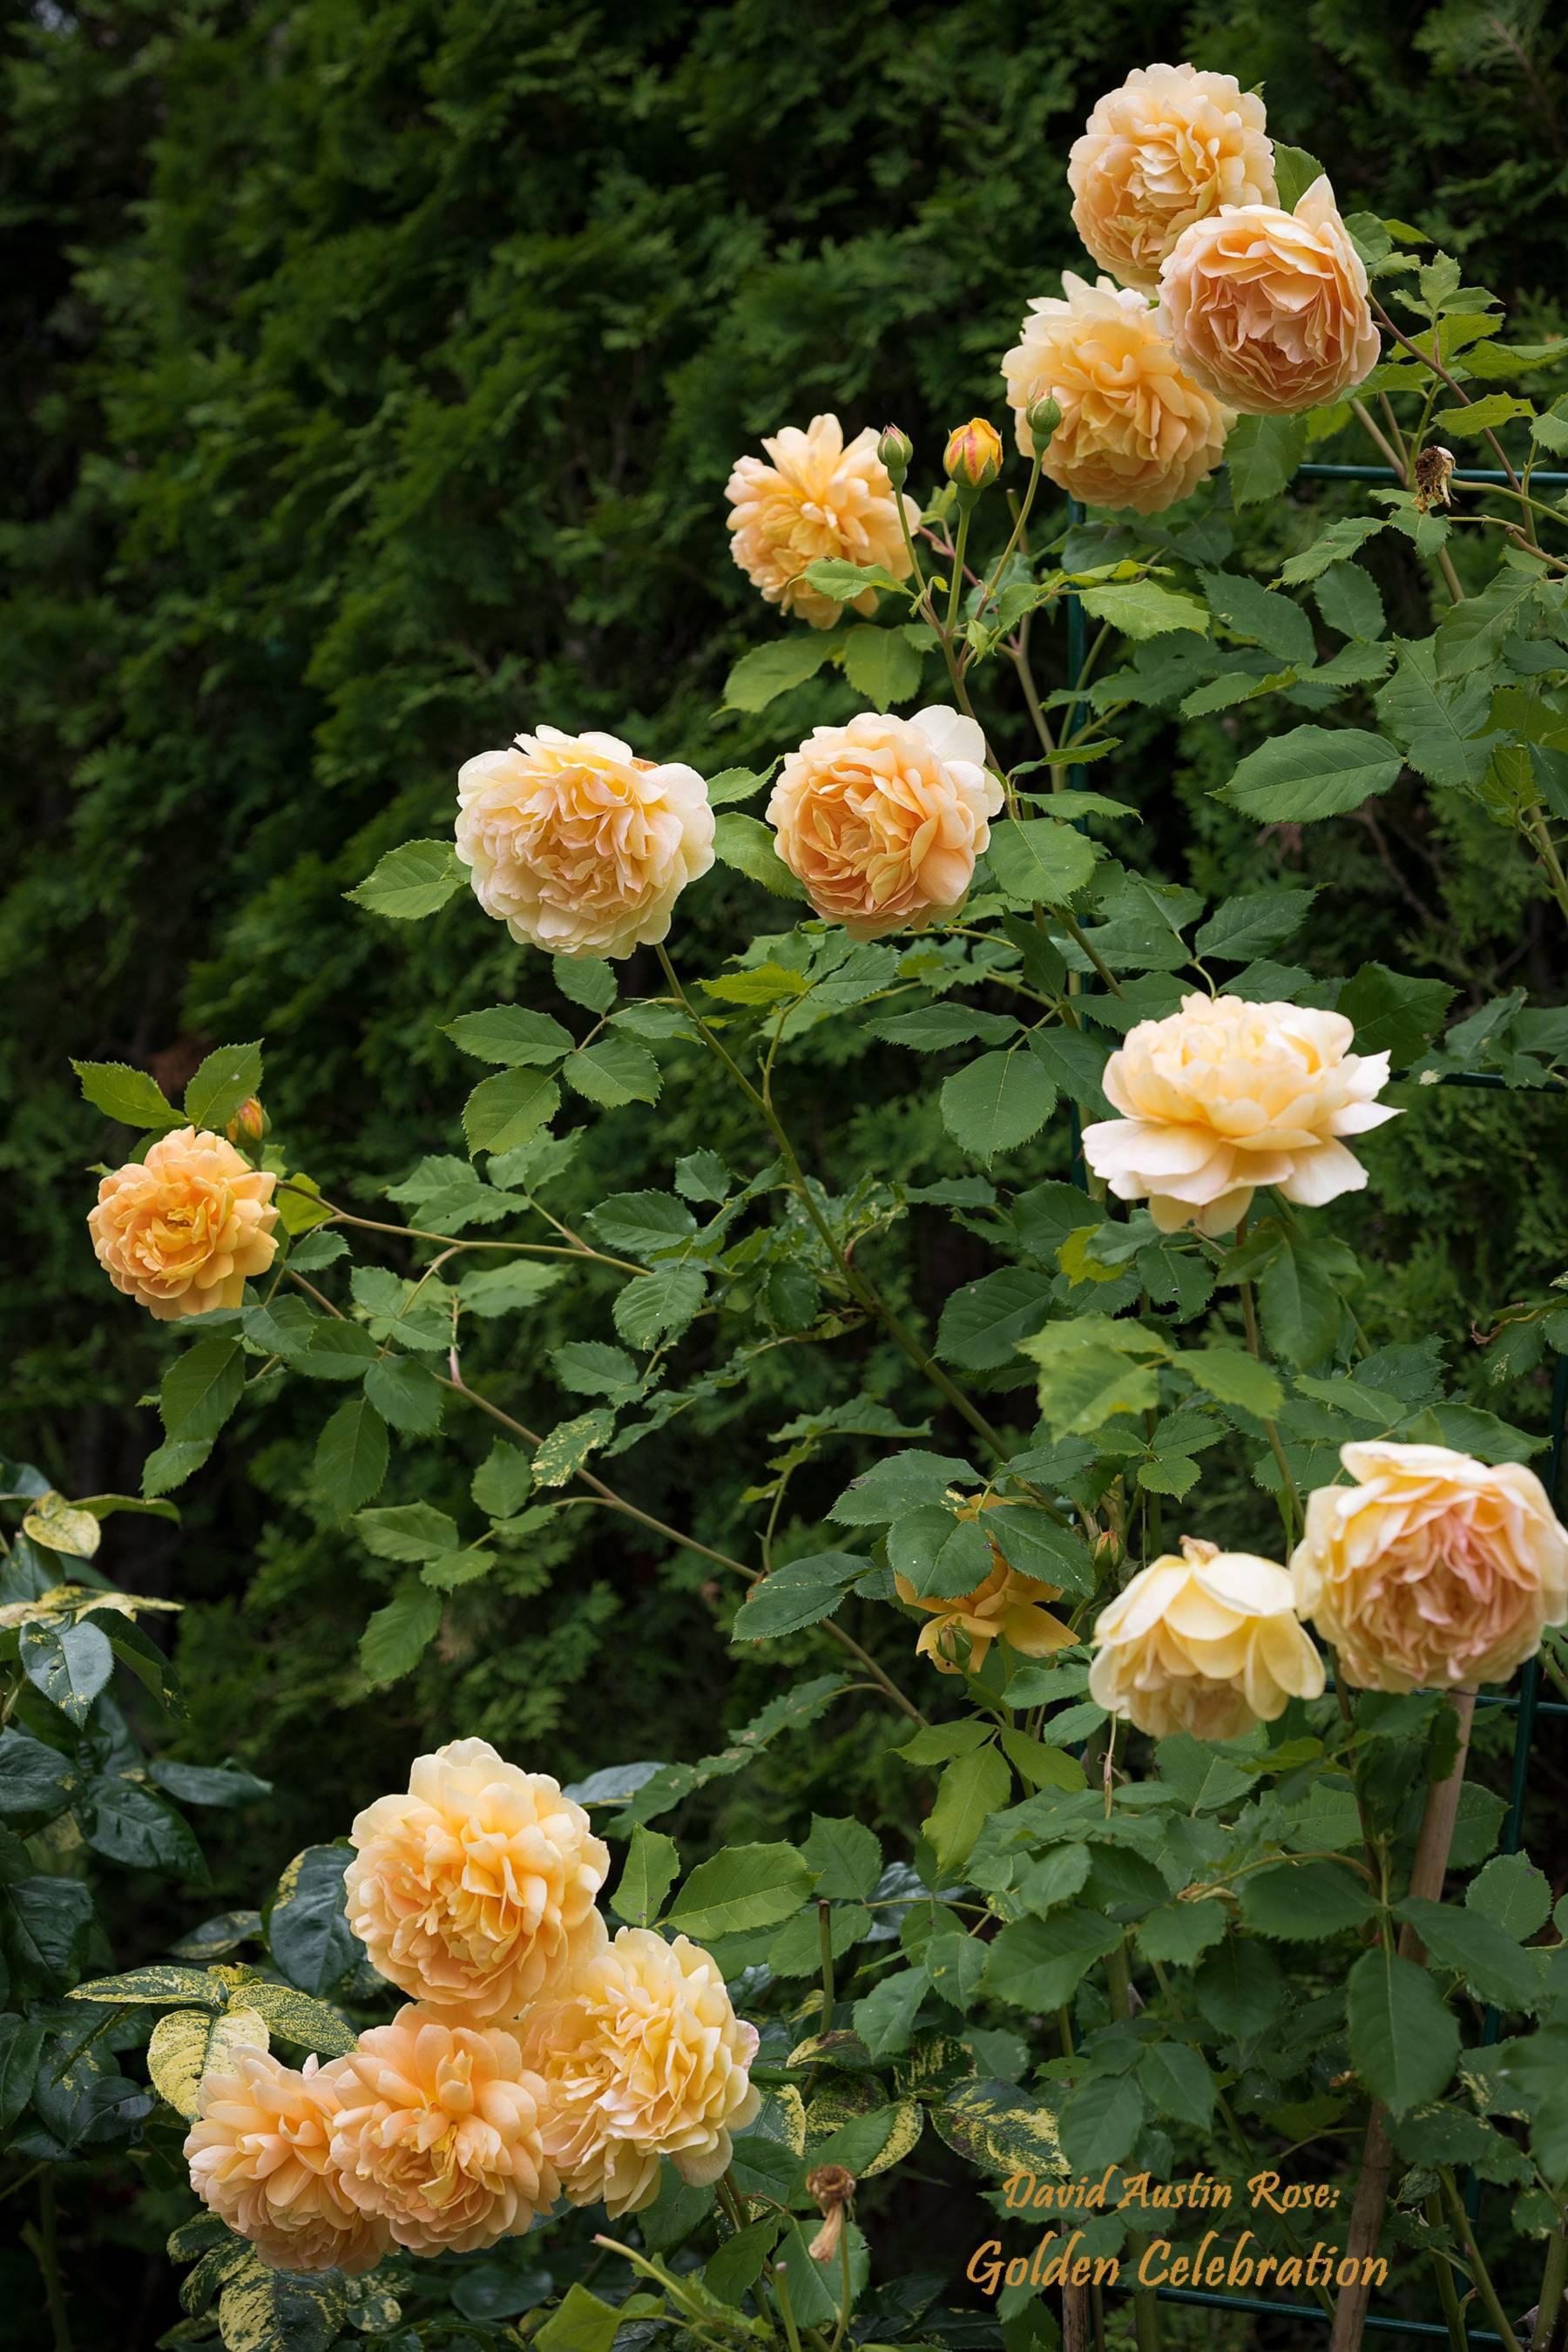 Описание сорта голден селебрейшен. описание розы «голден селебрейшн» (golden celebration) с отзывами и уходом роза английская голден селебрейшен